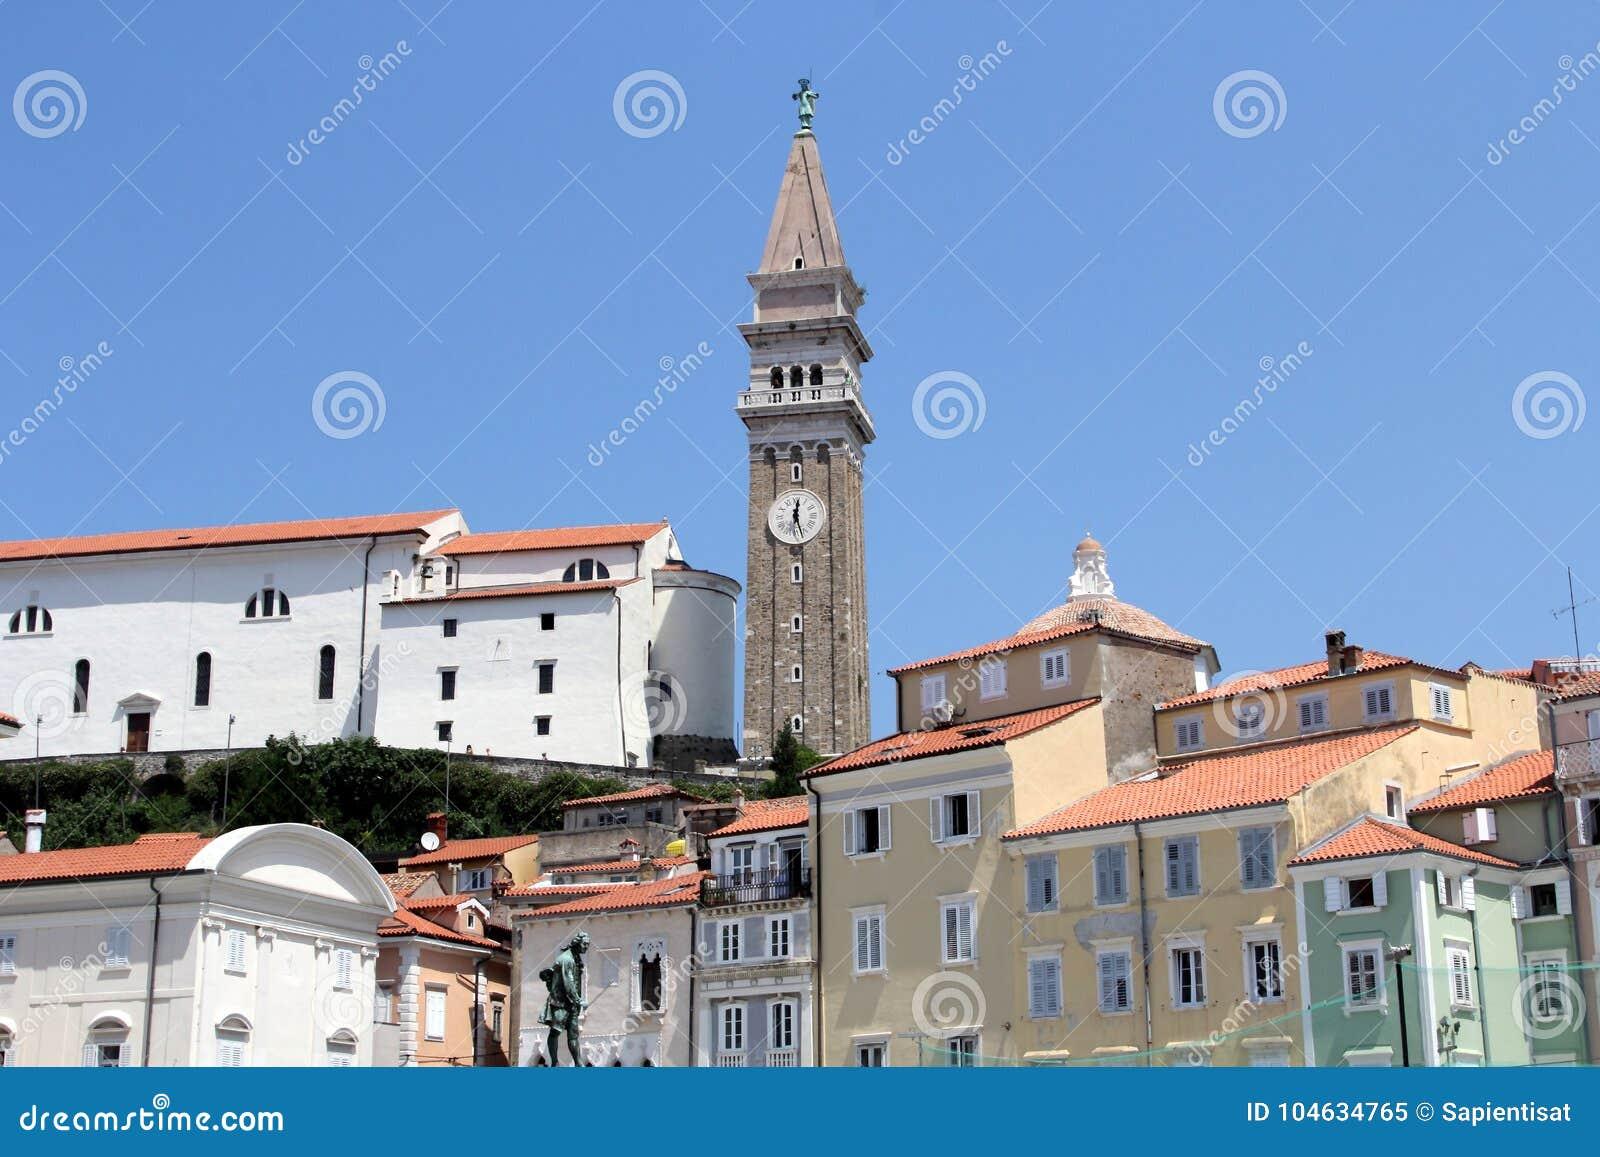 Download Historische Architectuur Van Piran, Slovenië Stock Afbeelding - Afbeelding bestaande uit toerist, stad: 104634765